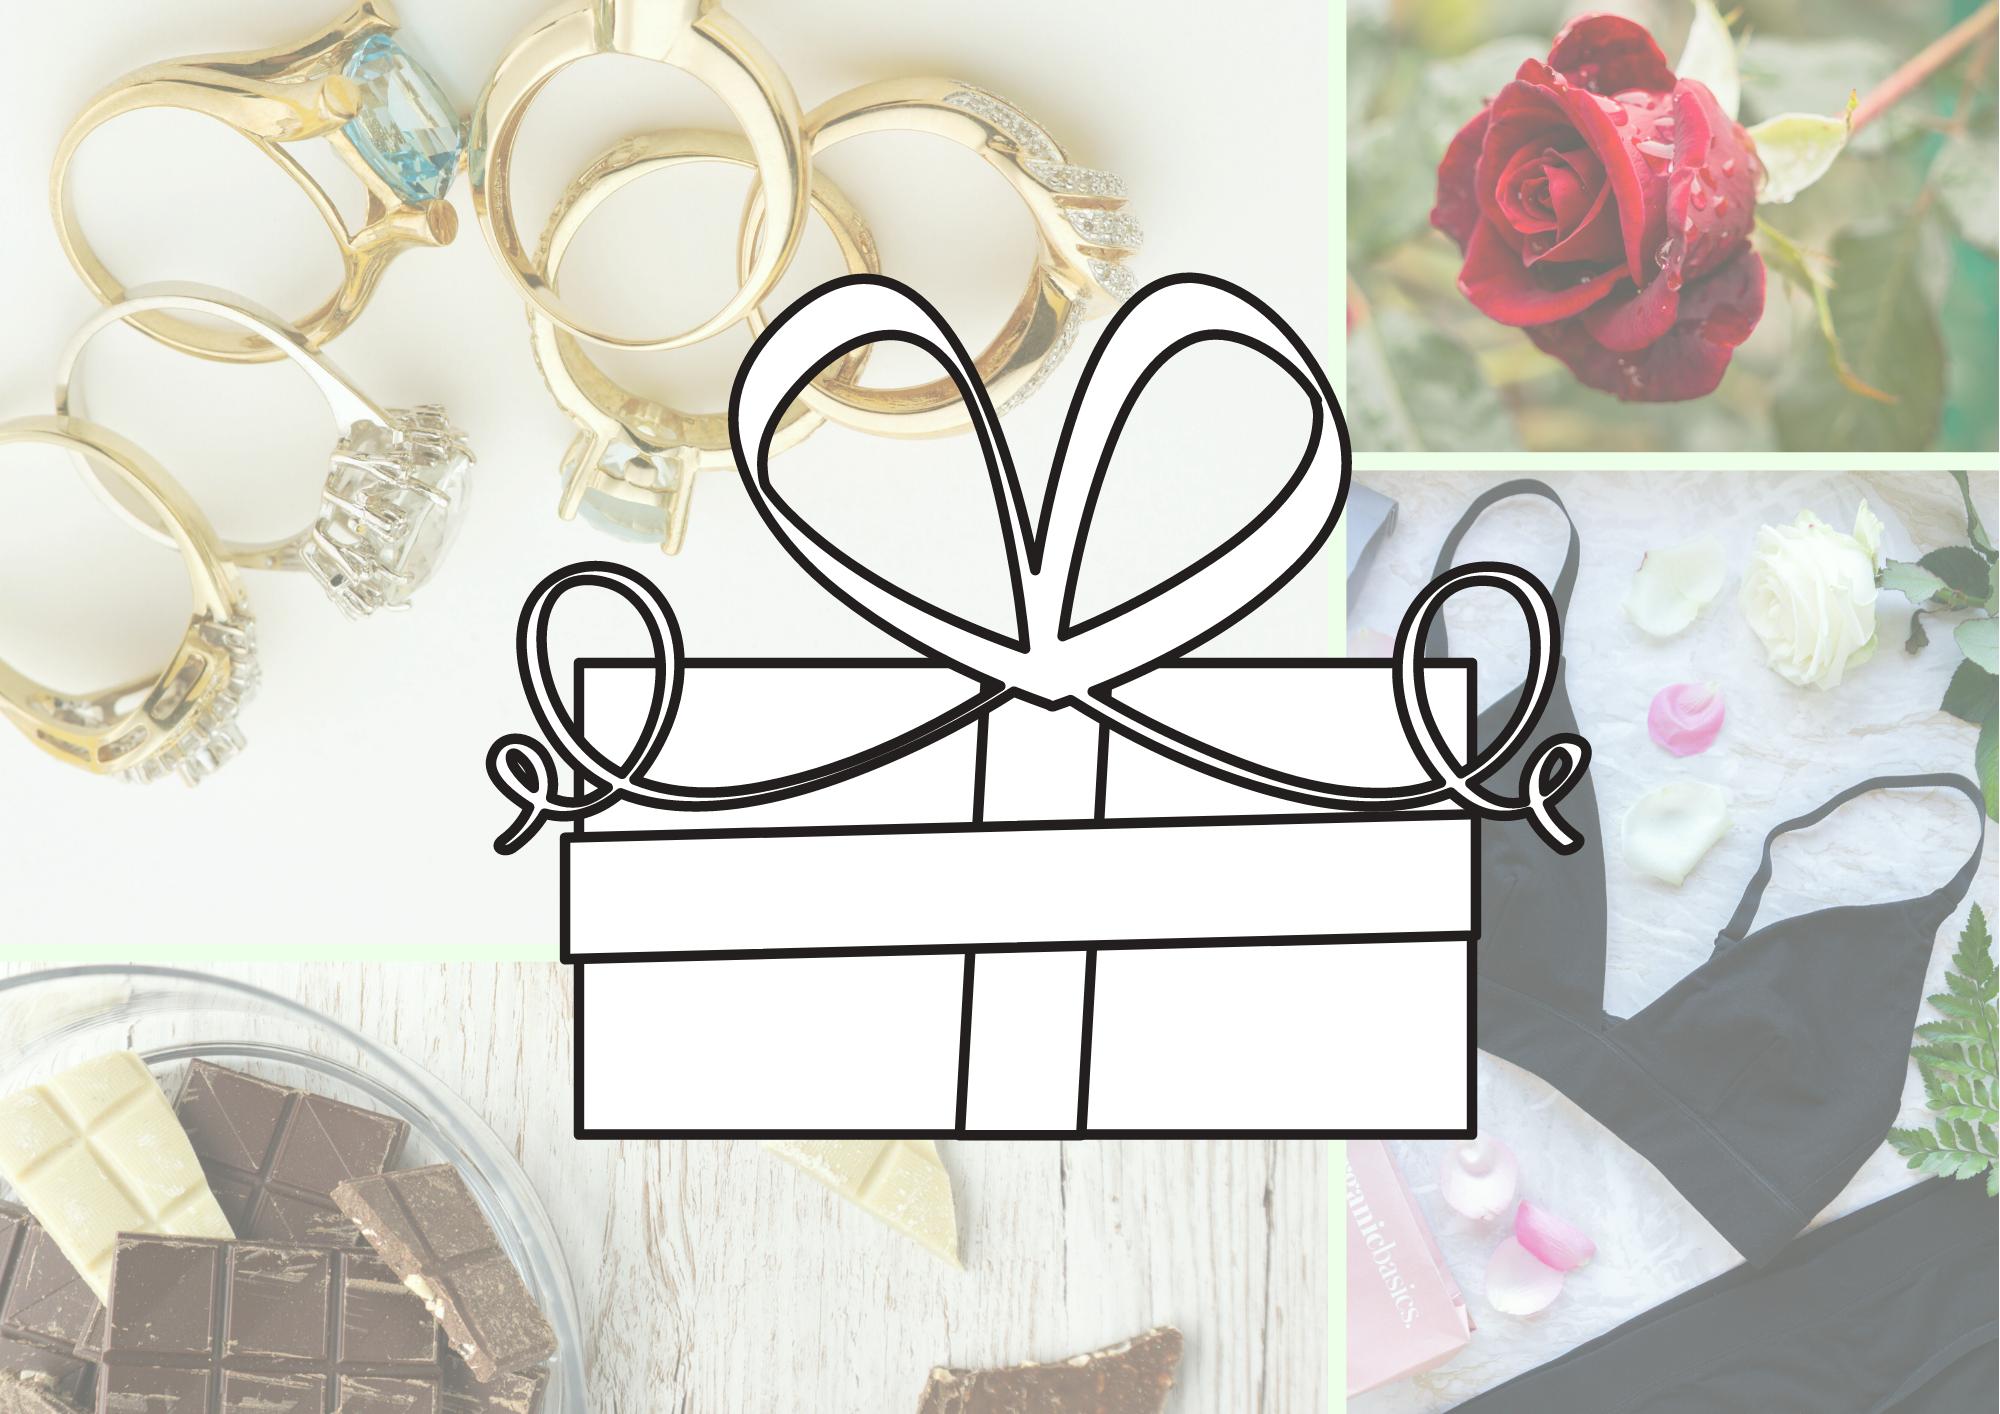 Nachhaltige Ideen Fur Valentinstag Zero Waste Plastikfreie Geschenk Alternativen Zum Tag Der Liebe Ecofairy Blog Uber Nachhaltigkeit Und Plastikfrei Leben Ohne Unverpackt Laden